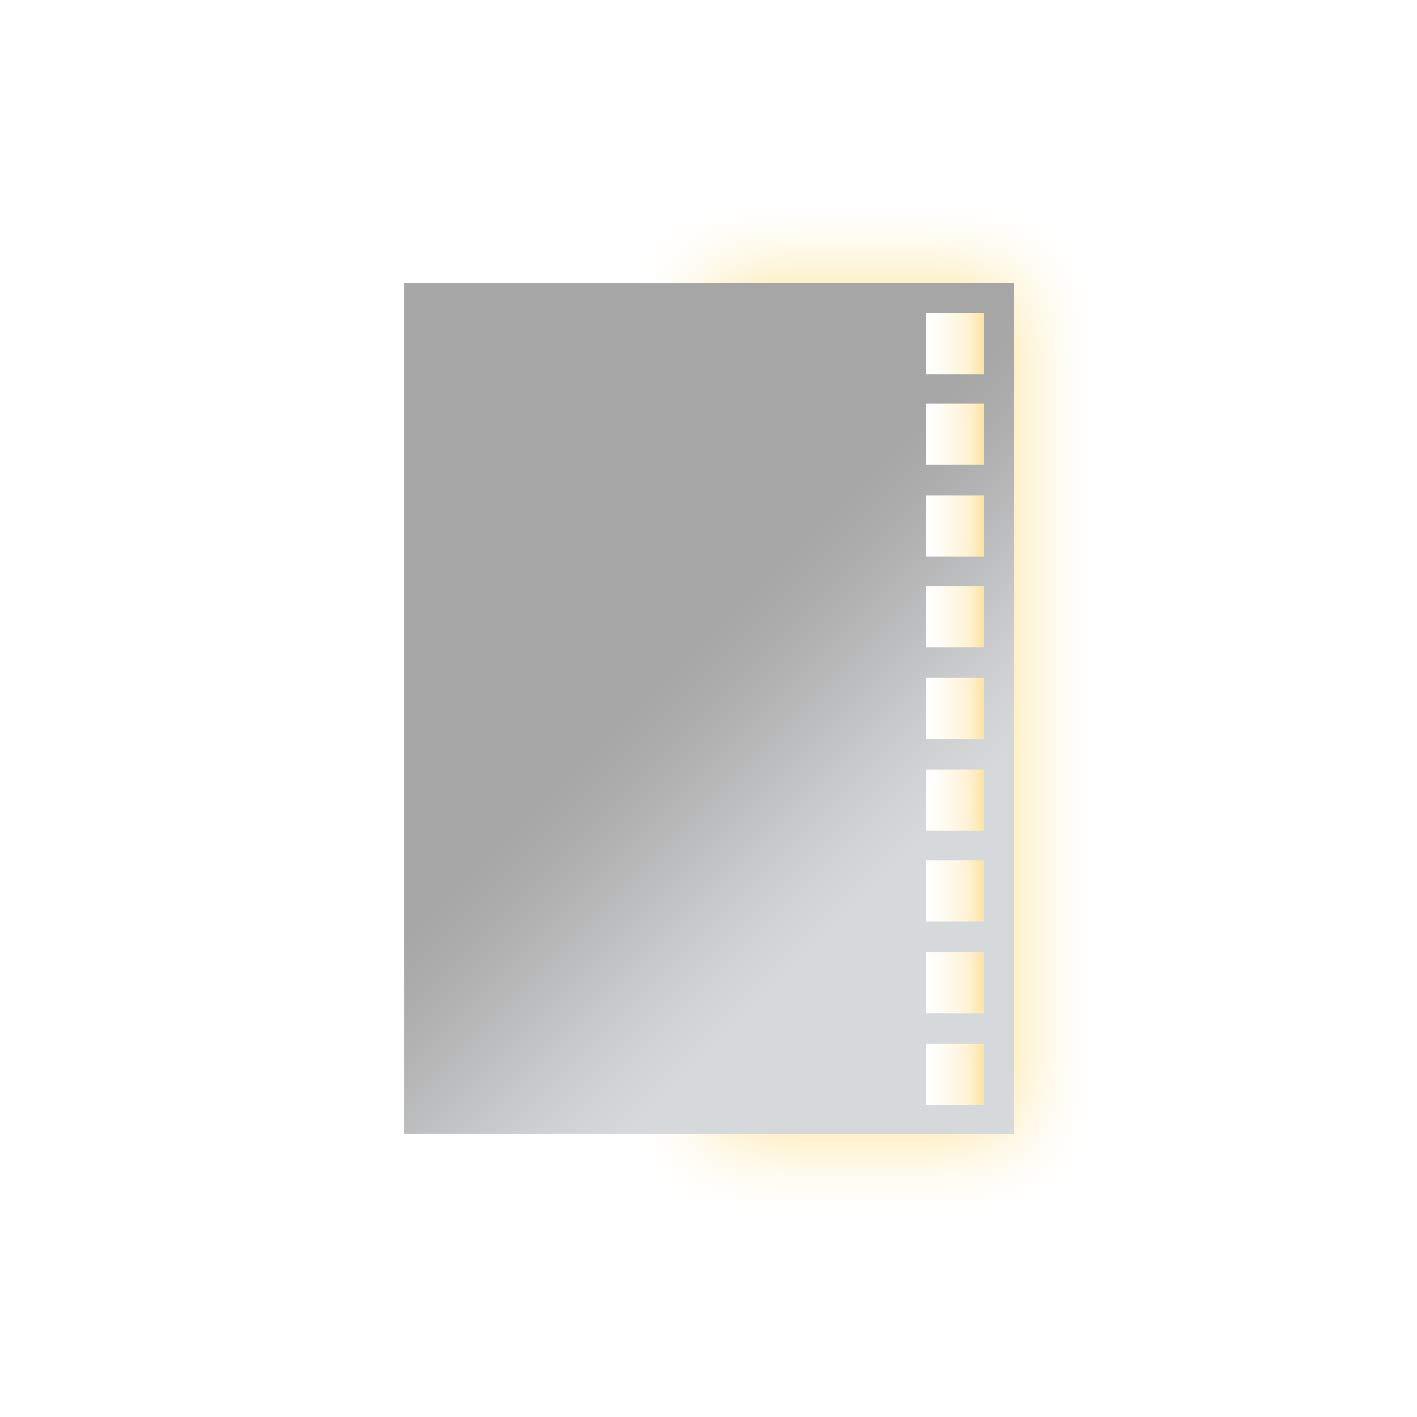 VON ADELBERG LED Badspiegel 50 x 70 cm Spiegel mit Beleuchtung RECHTS Bad Spiegel- GH-667975-1-W57-RECHTS - warm - weiß